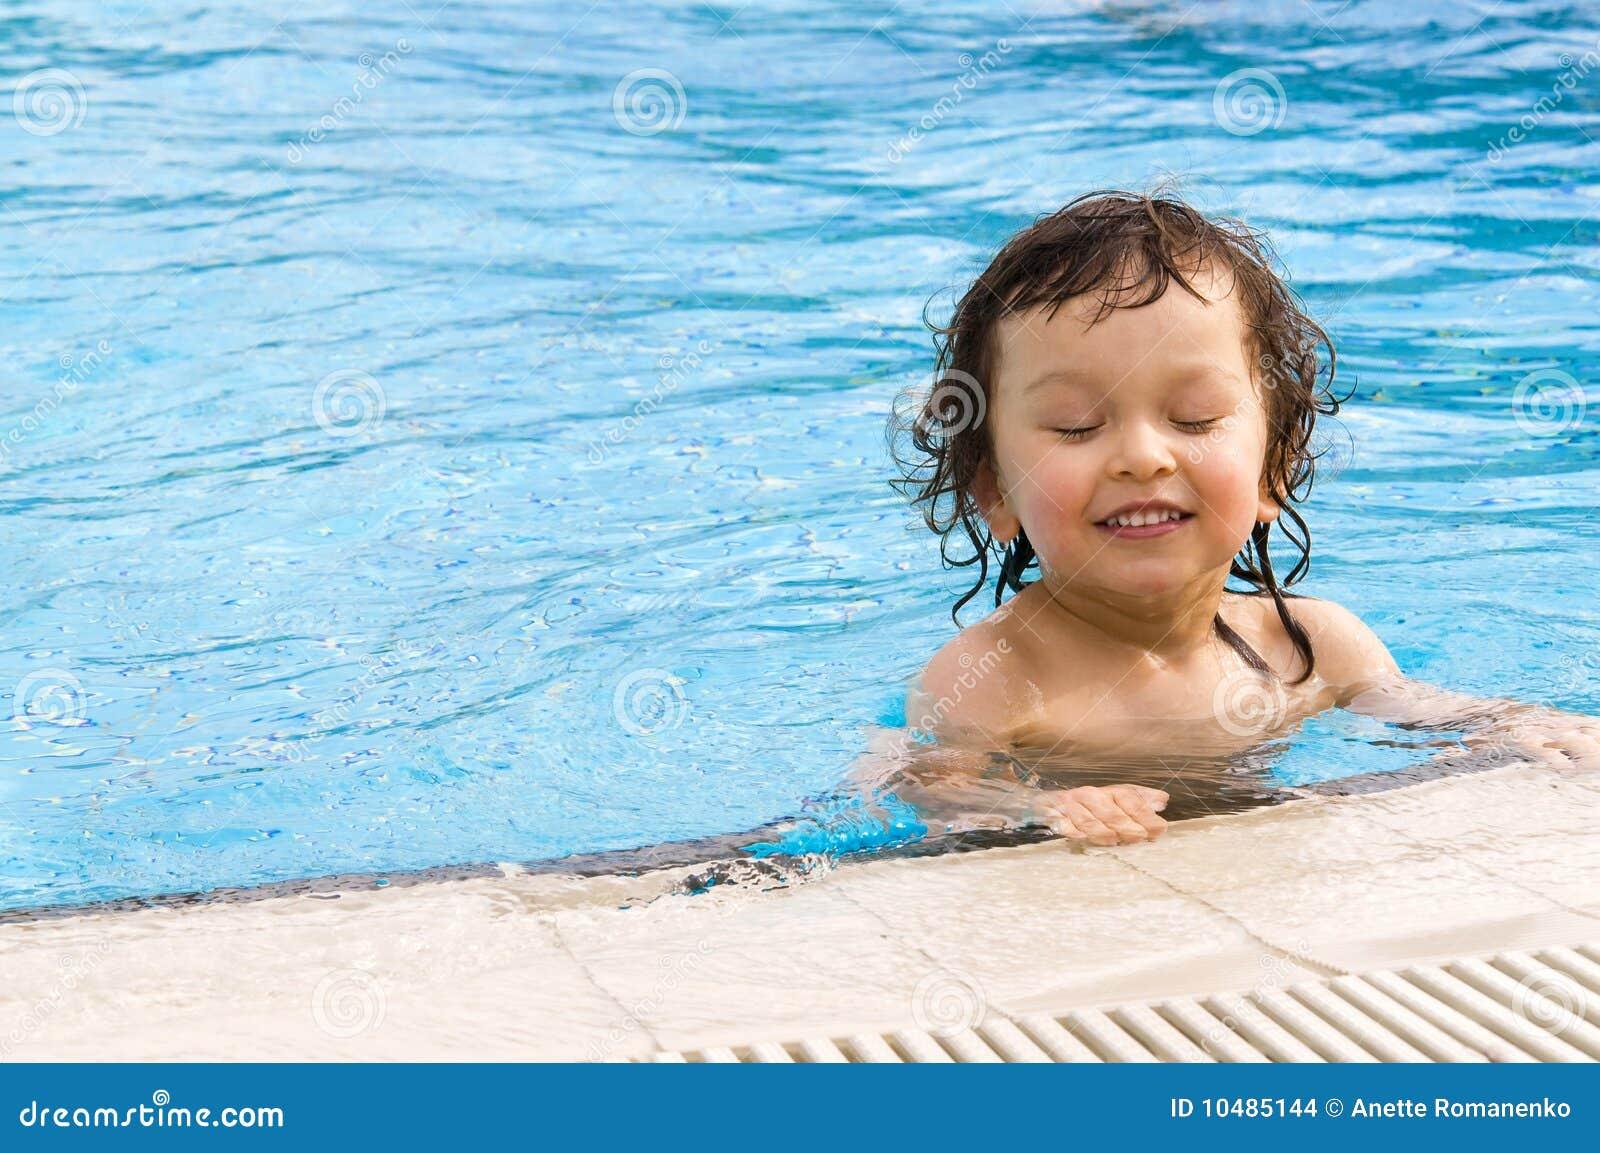 Little boy in pool